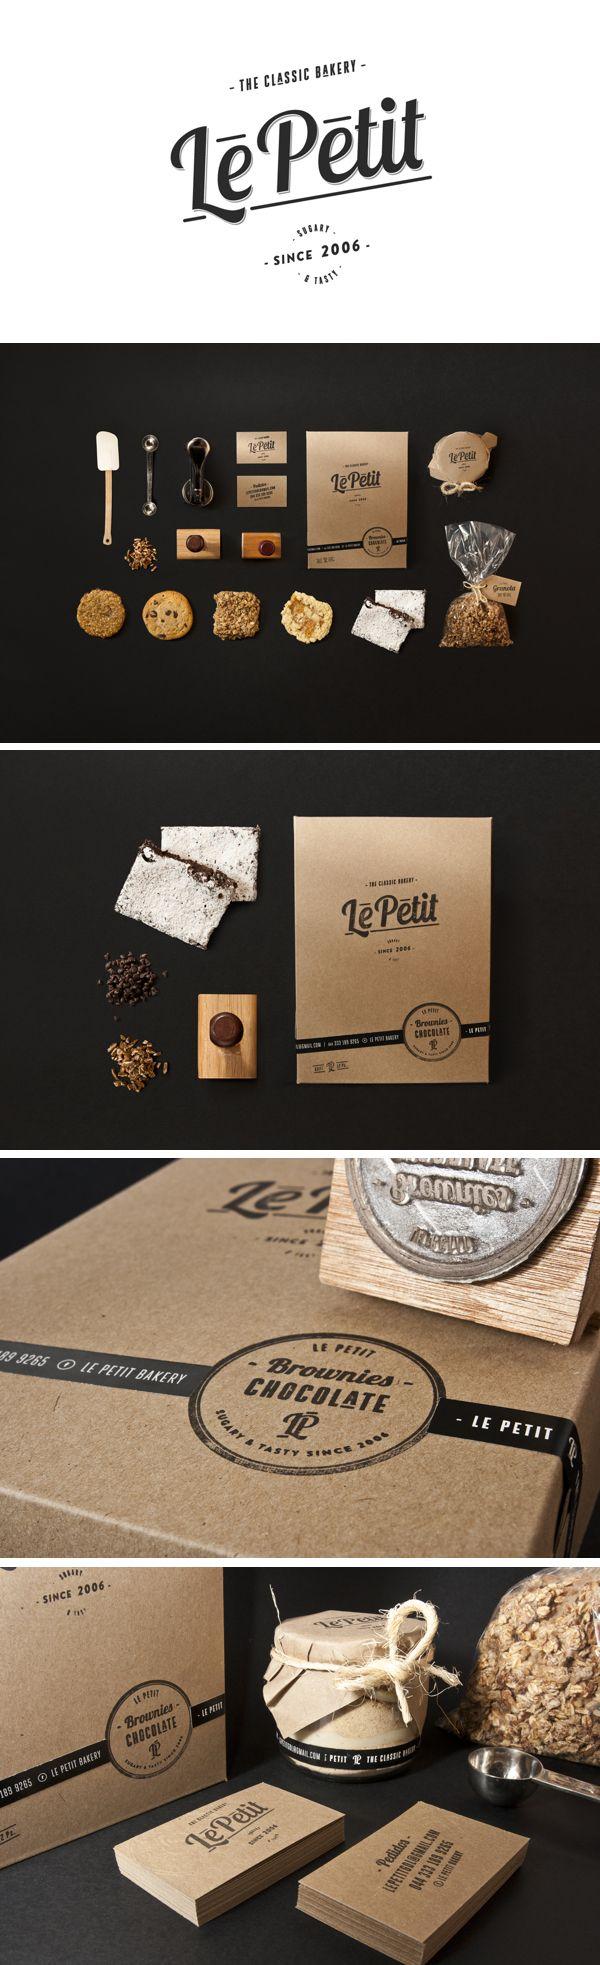 Identité visuelle / de marque pour les artisans boulangers et pâtissiers avec des exemples de packaging. L'Atelier